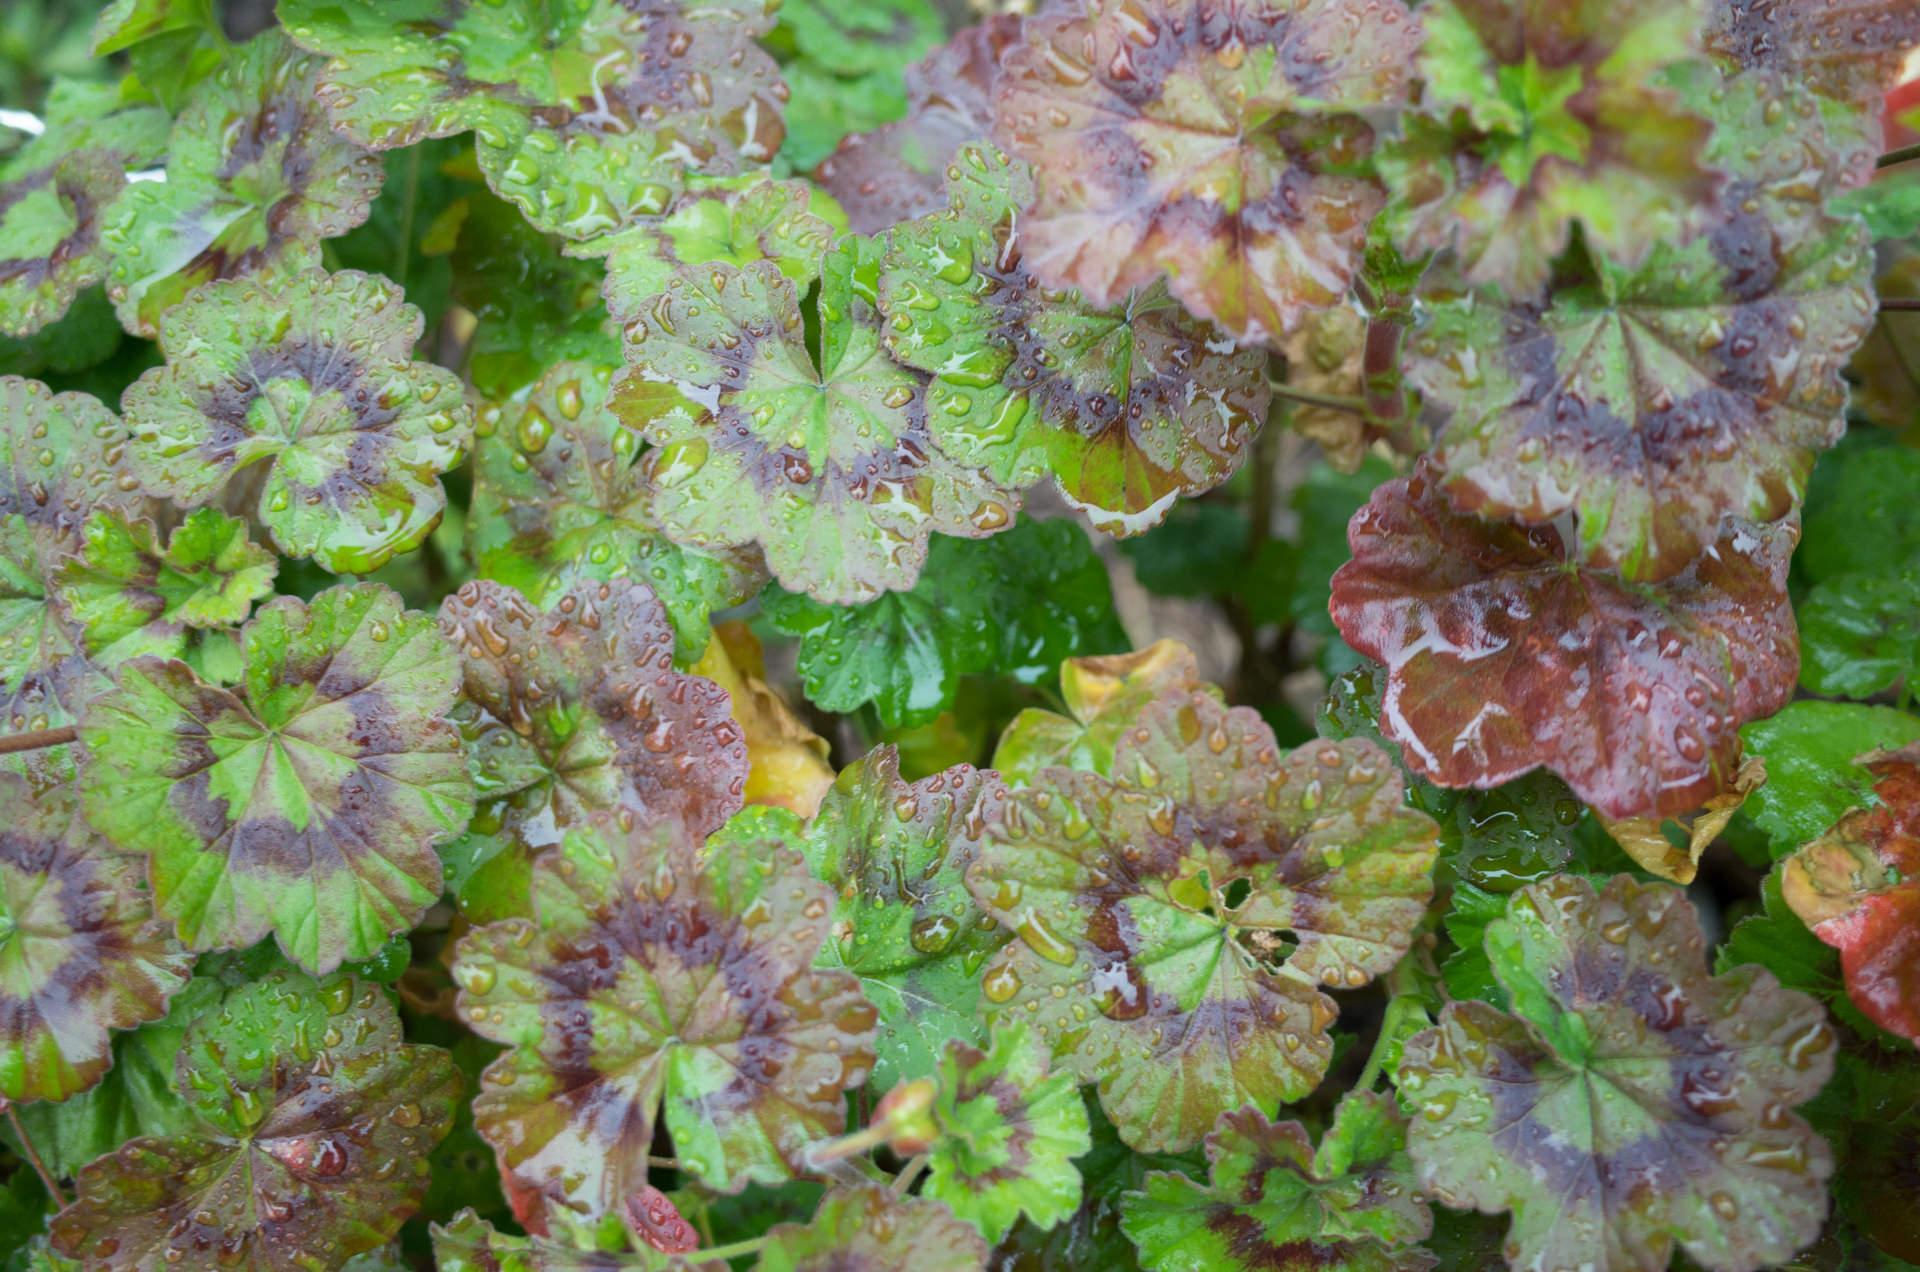 コンパクトデジタルカメラで撮影された緑色の葉っぱ